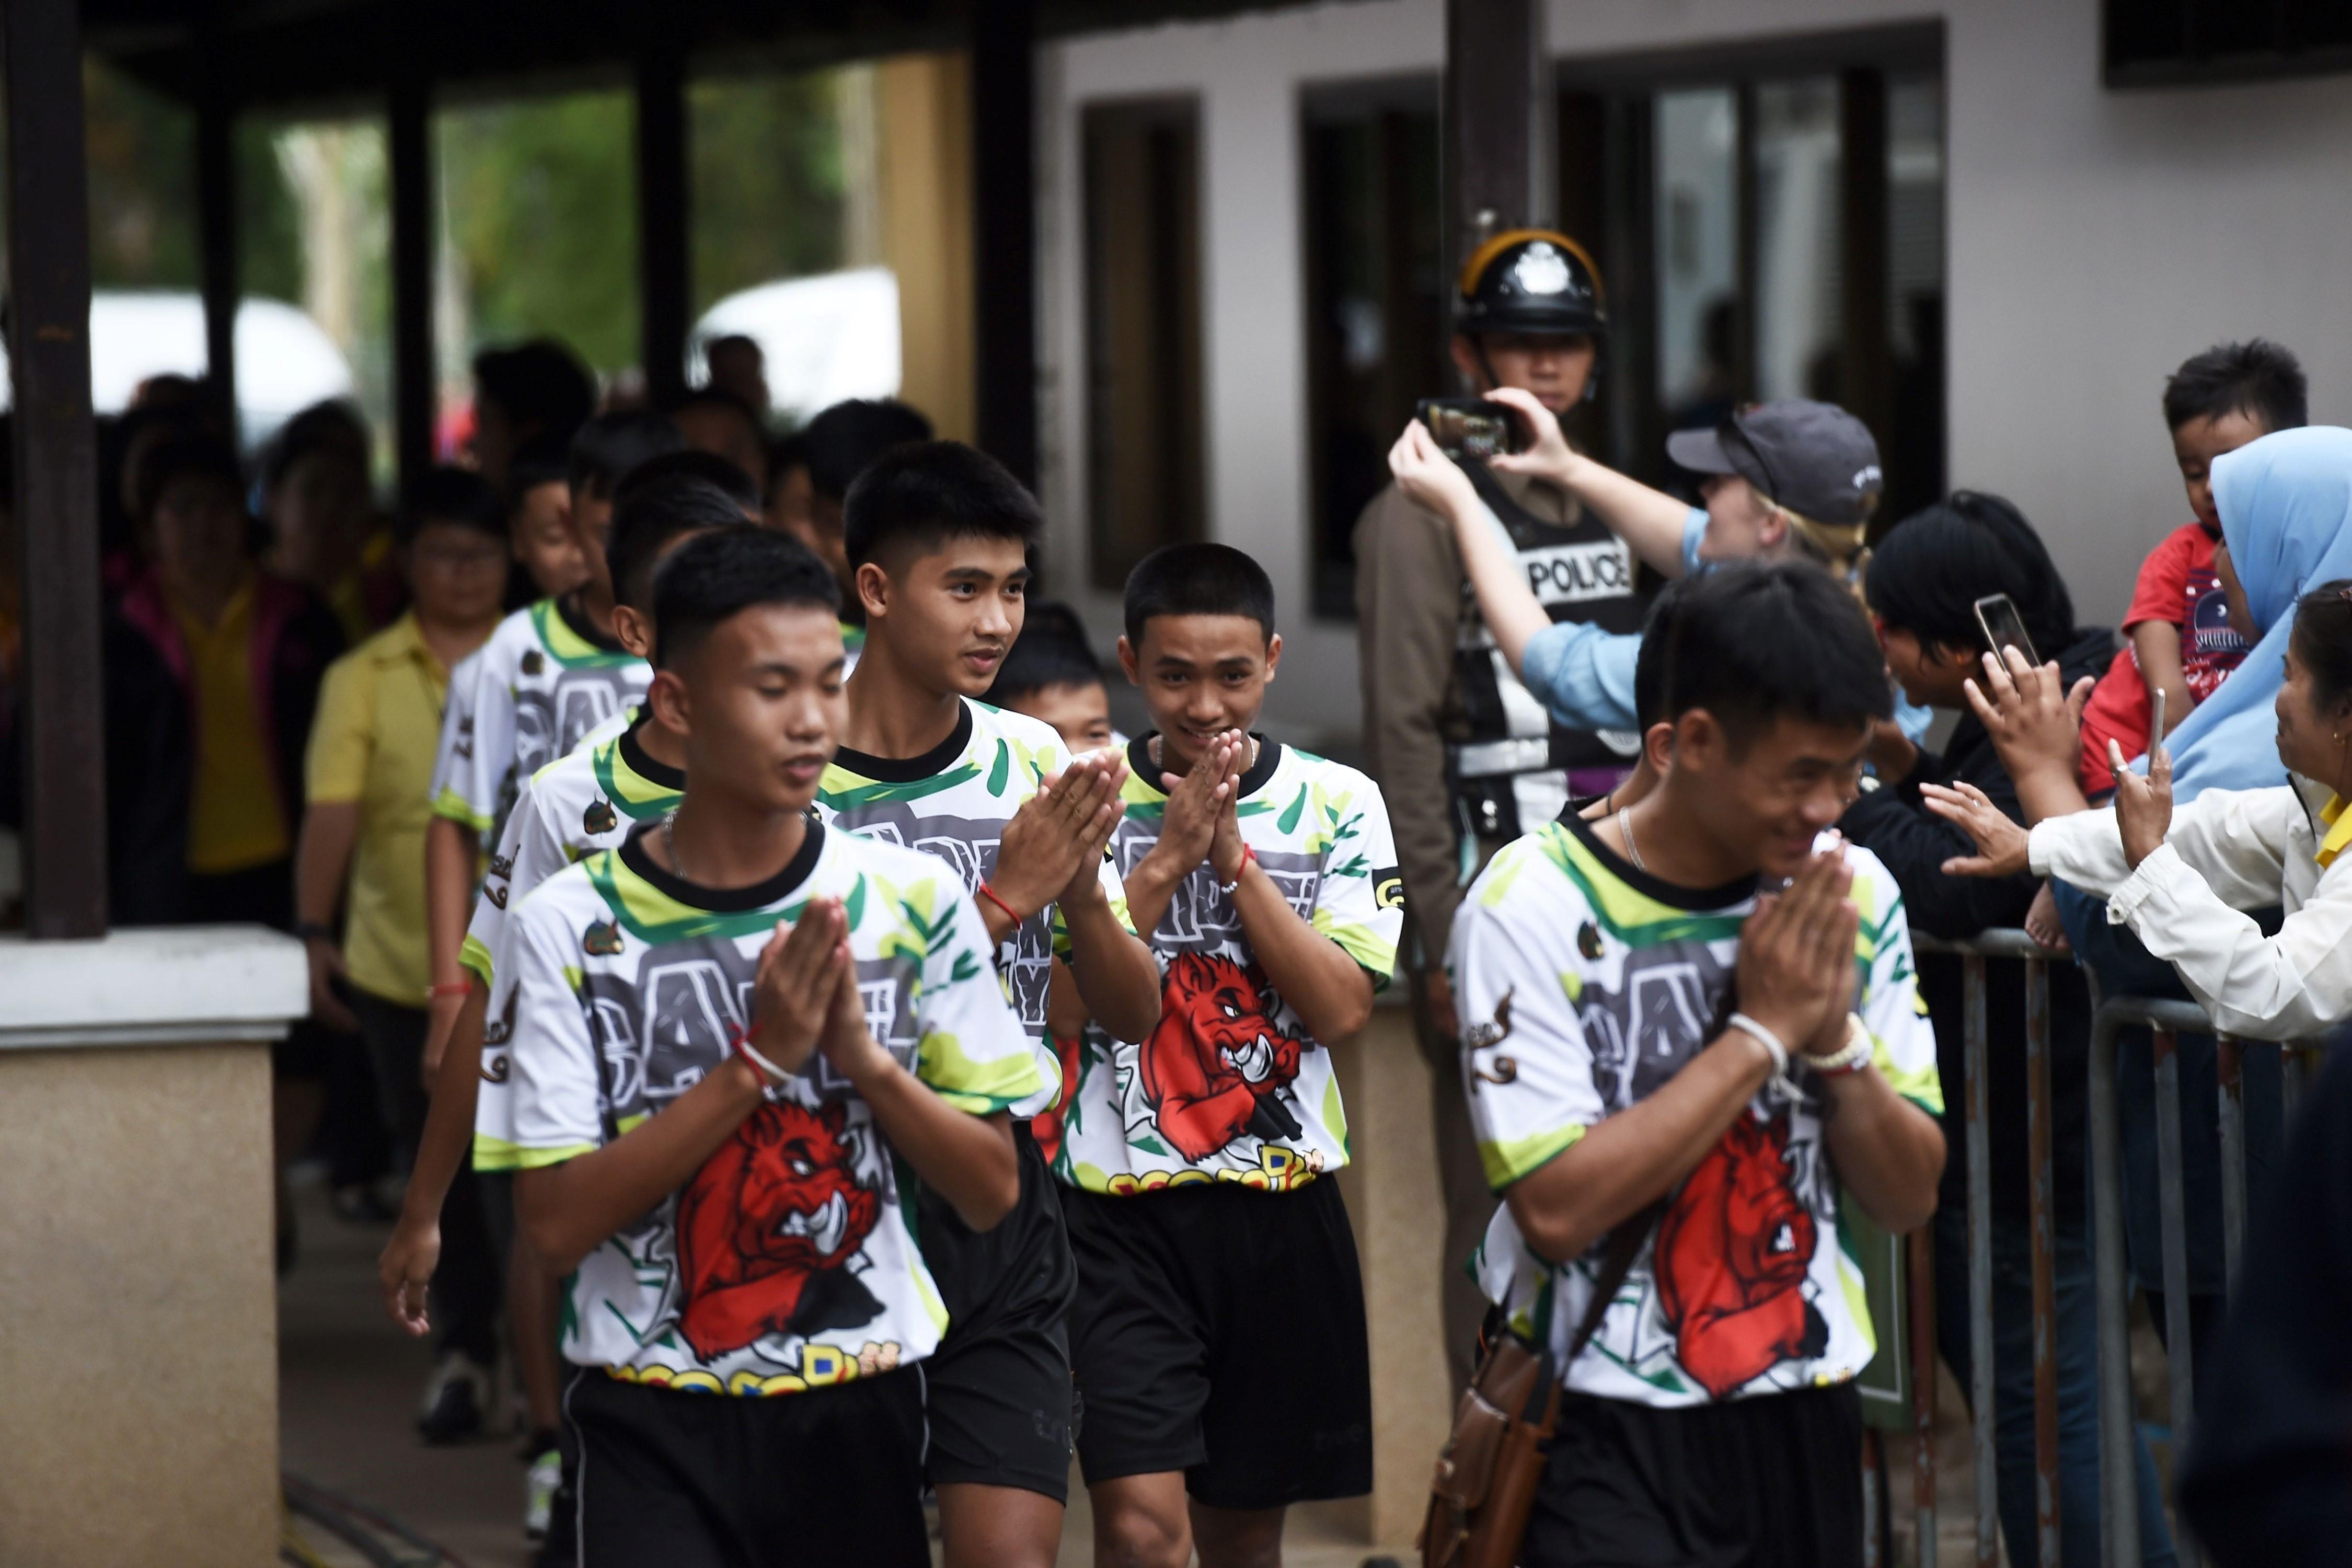 Les dieron el alta a todos los chicos rescatados de una cueva en Tailandia